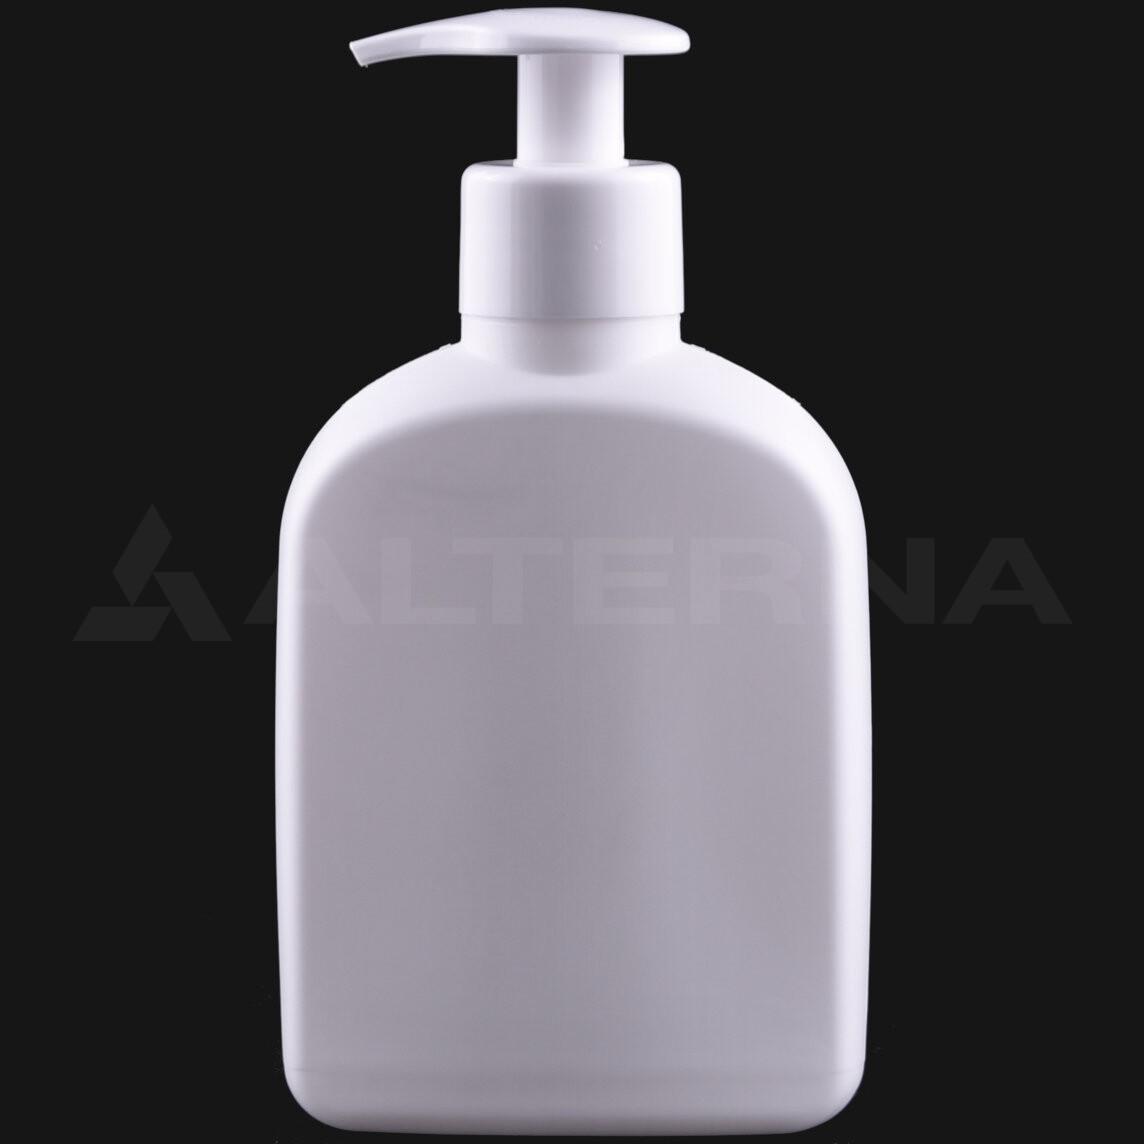 225 ml HDPE Bottle with 28 mm Pump Dispenser